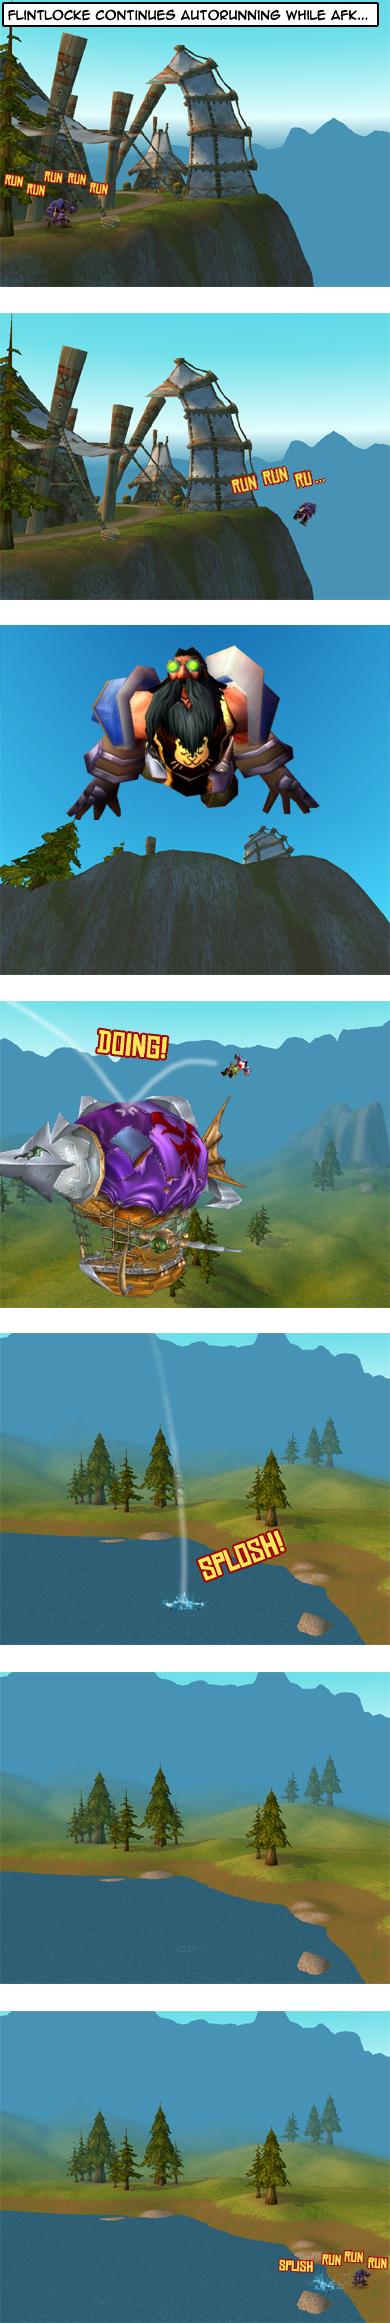 Running on empty - Part 8: Air Dwarven!